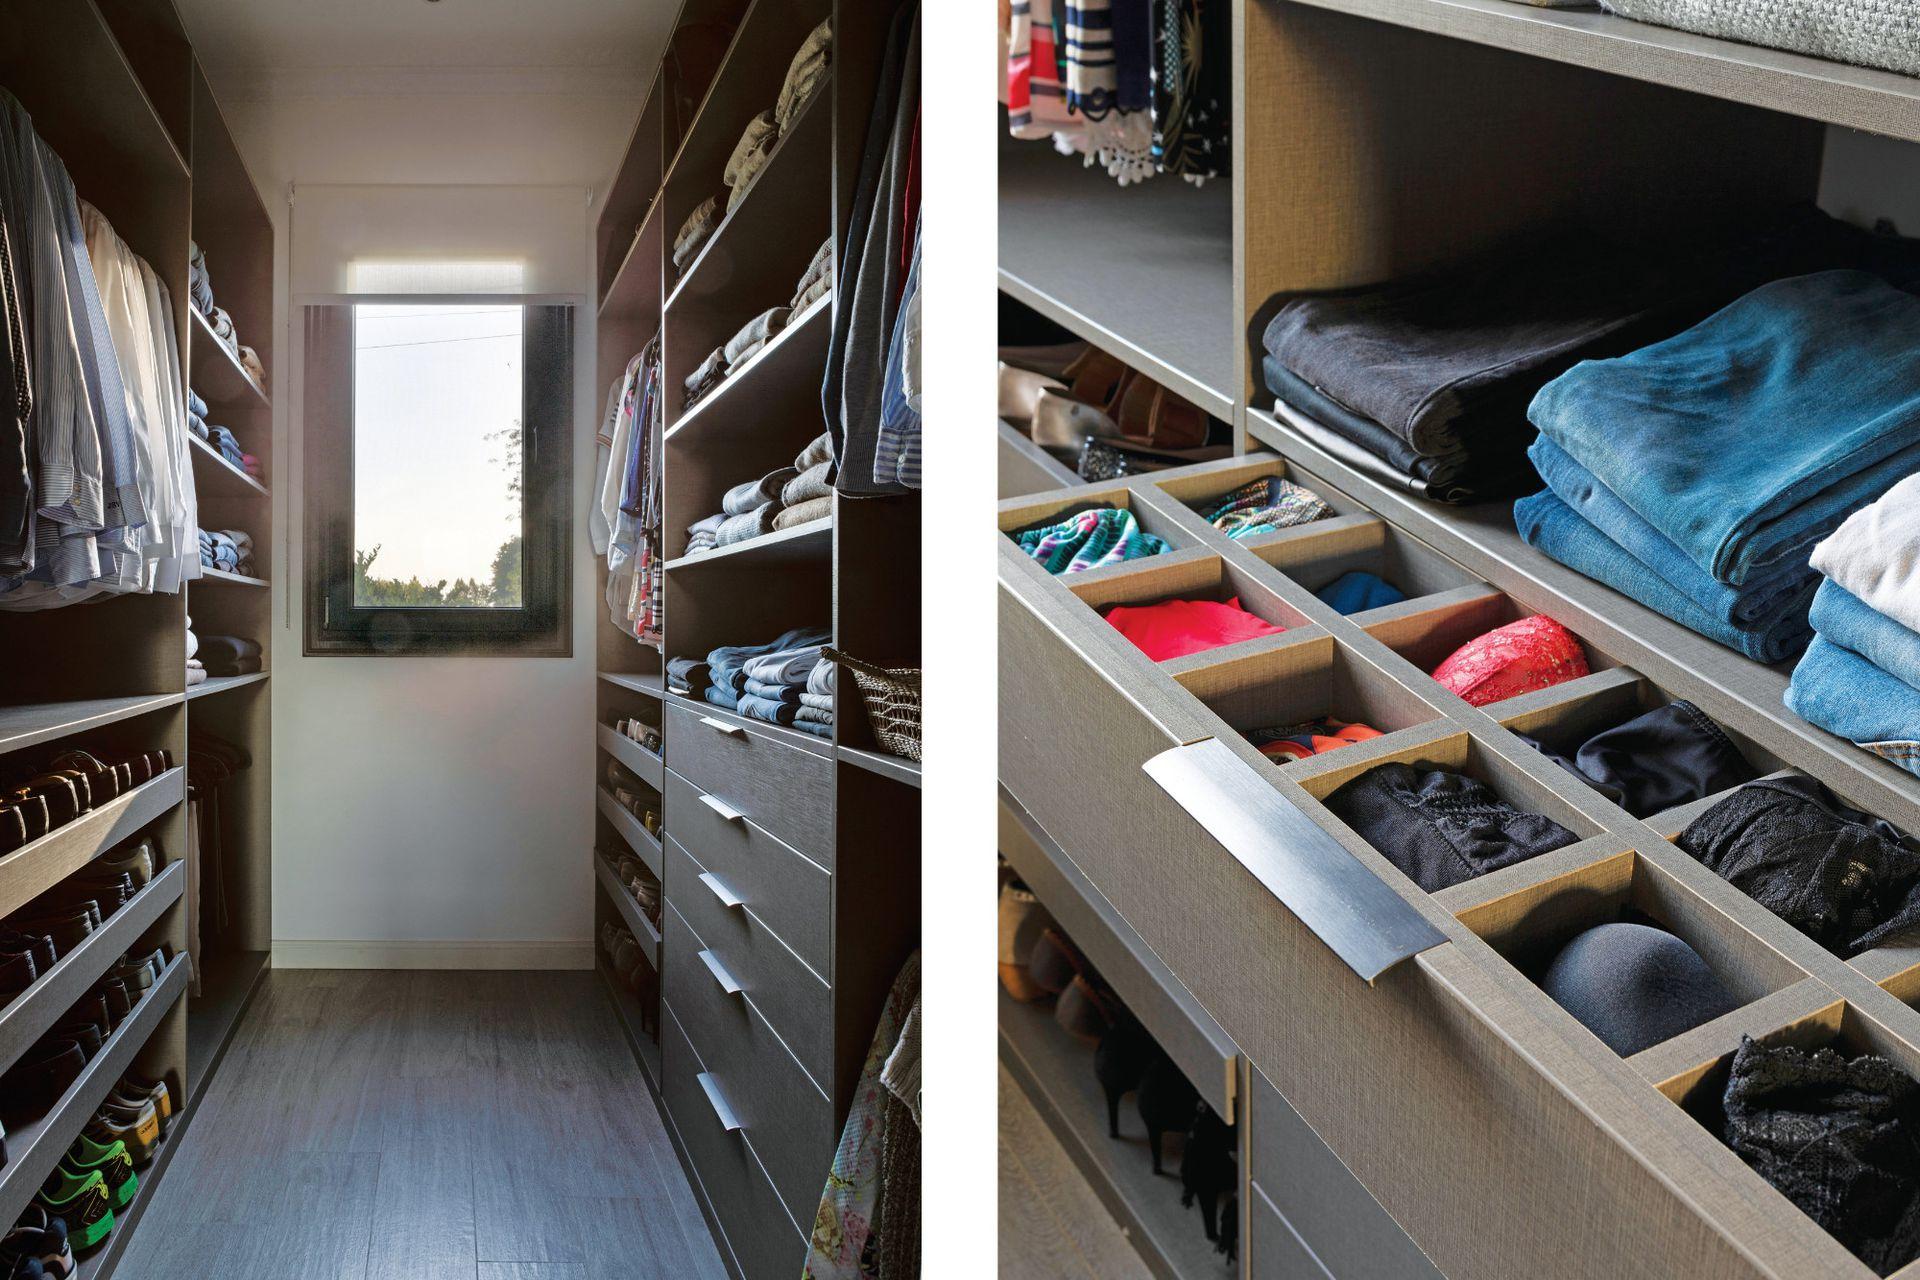 Diseñado por el Estudio AT Arqs. y organizado por 'Sos En Orden', el vestidor es un espacio absolutamente estético y funcional.